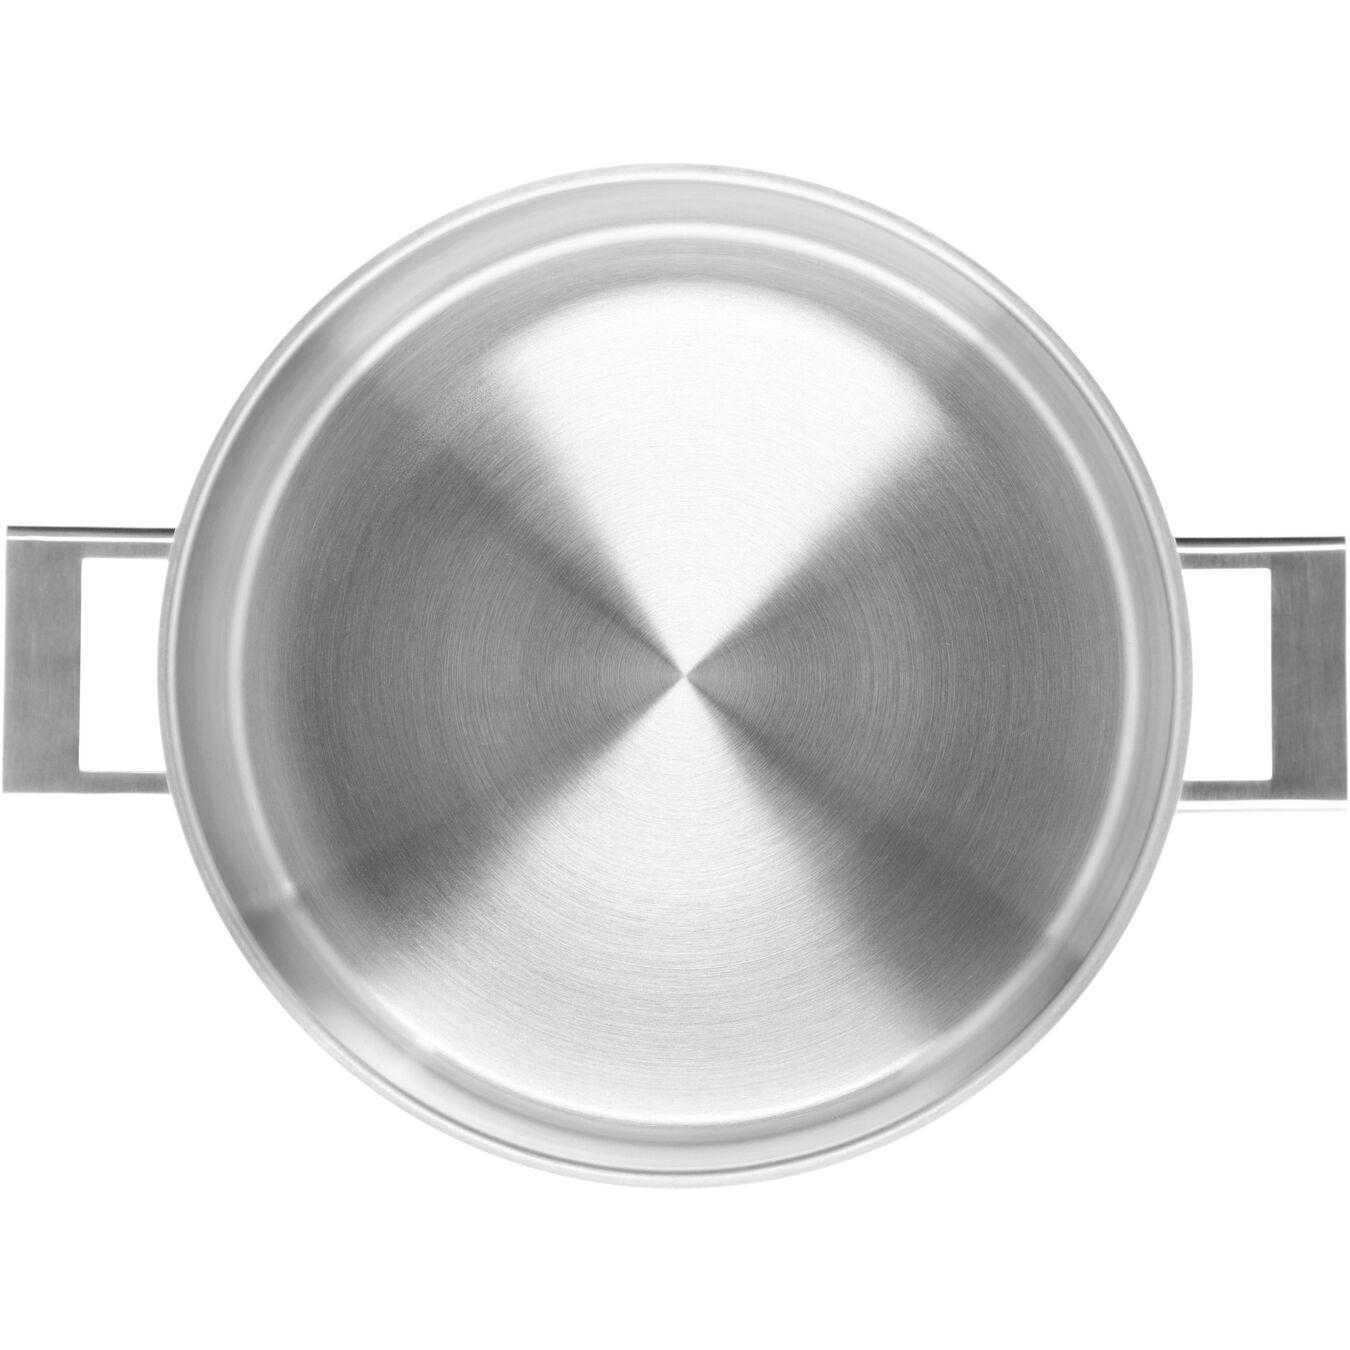 Casseruola con coperchio a doppia parete - 28 cm, 18/10 acciaio inossidabile,,large 2